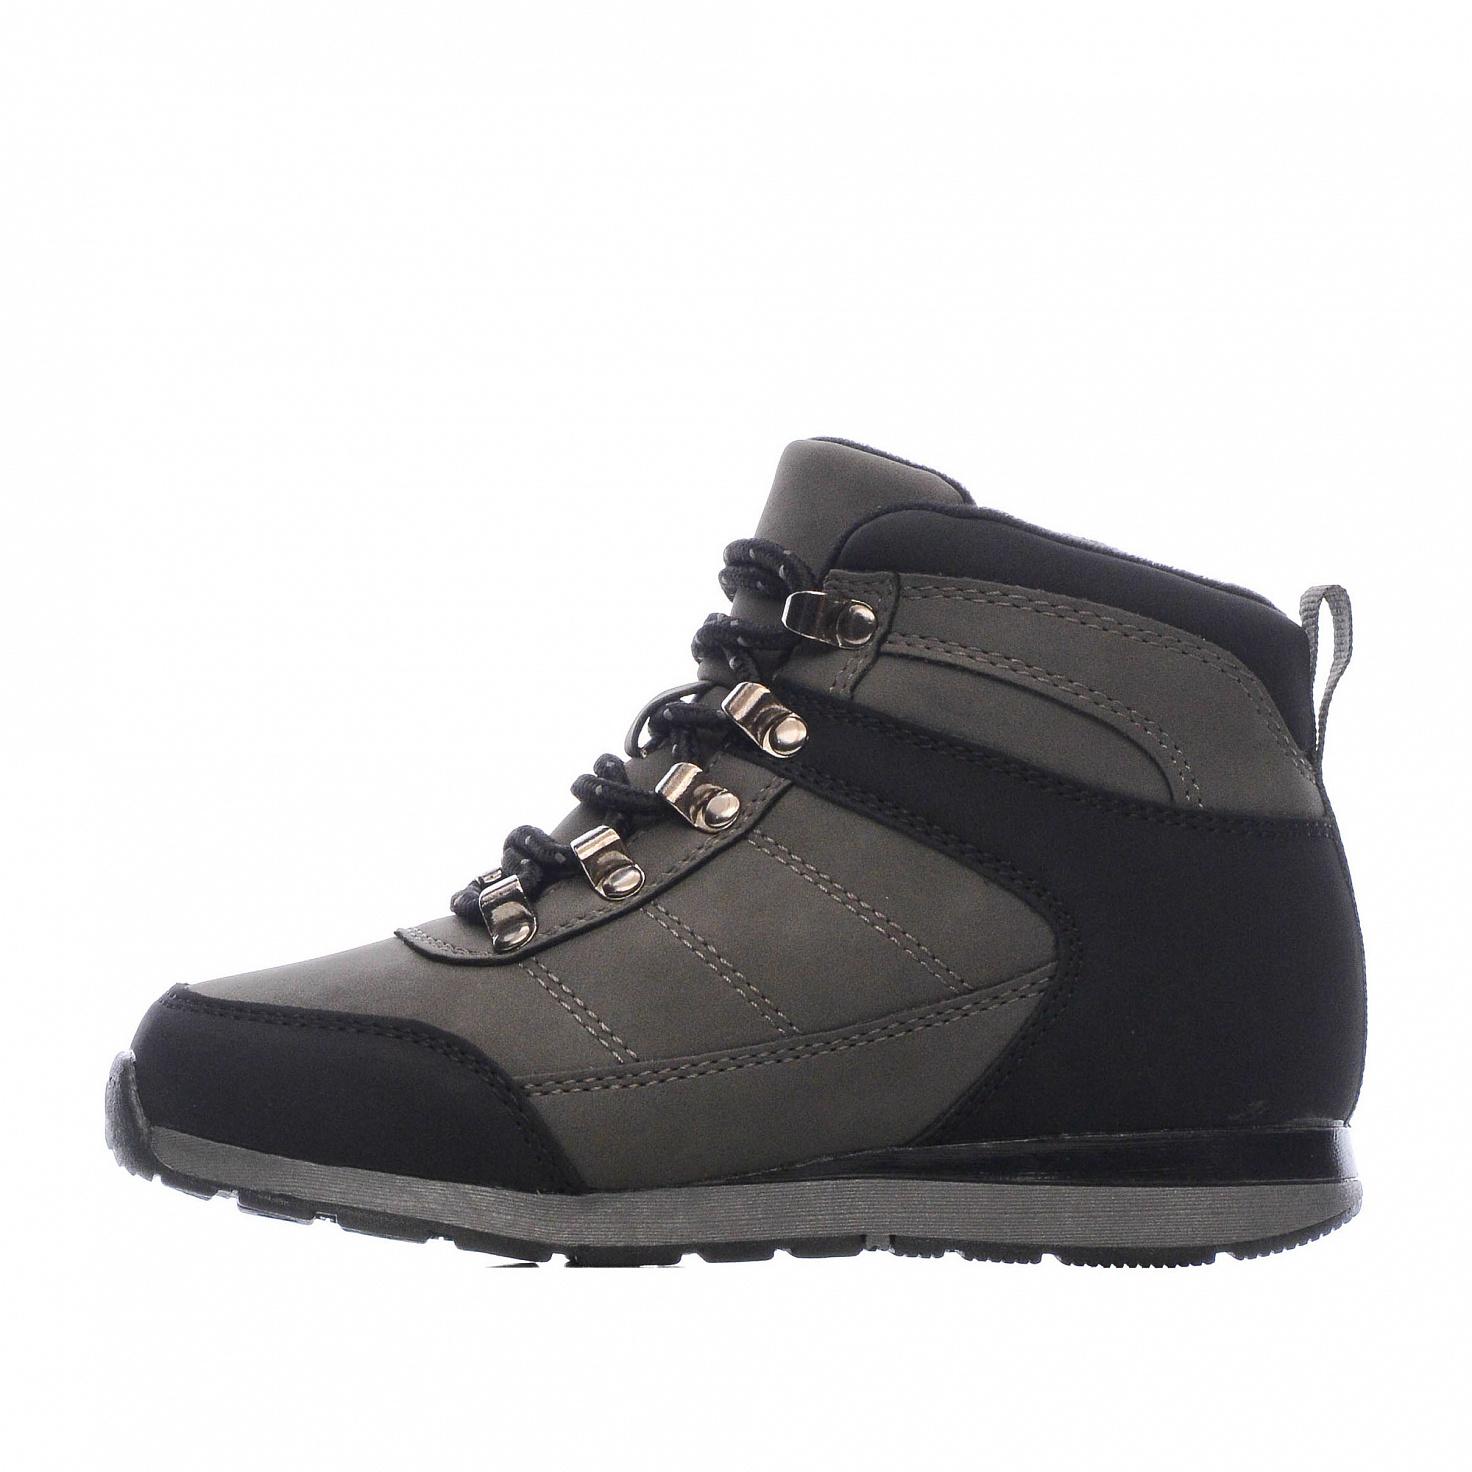 Купить 189-82BO-039GR, Ботинки для мальчиков ZENDEN, цв. серый, р-р 32,